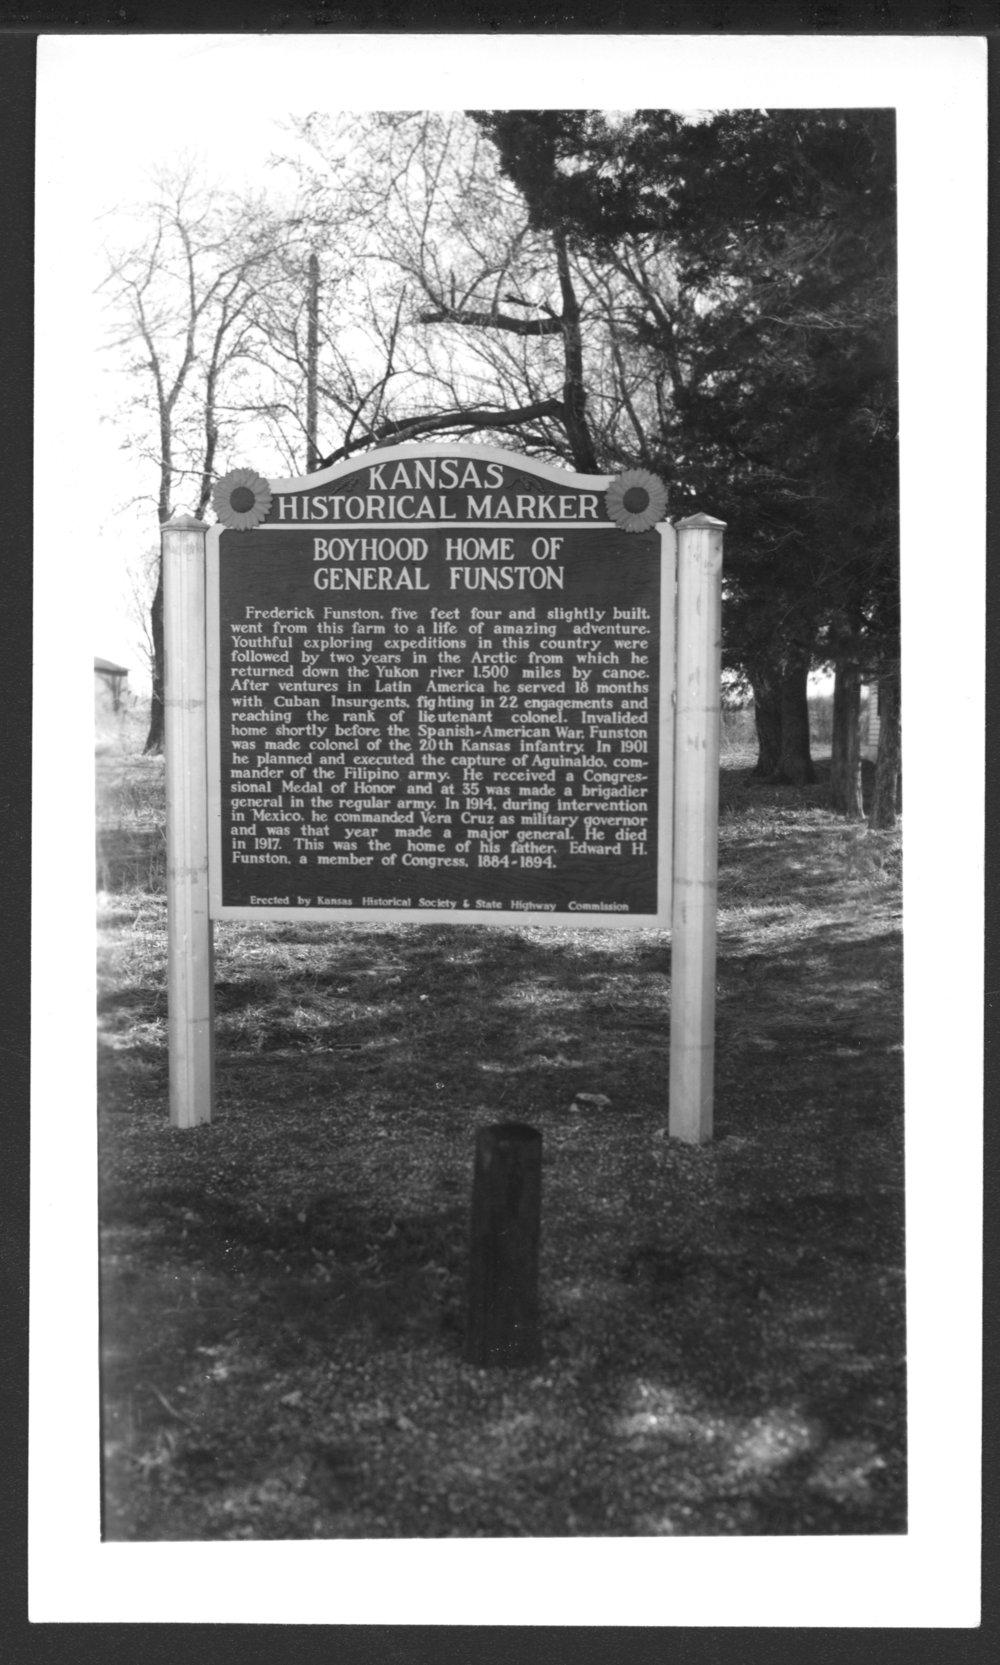 Historical marker for Frederick Funston's boyhood home, Allen County, Kansas - 2